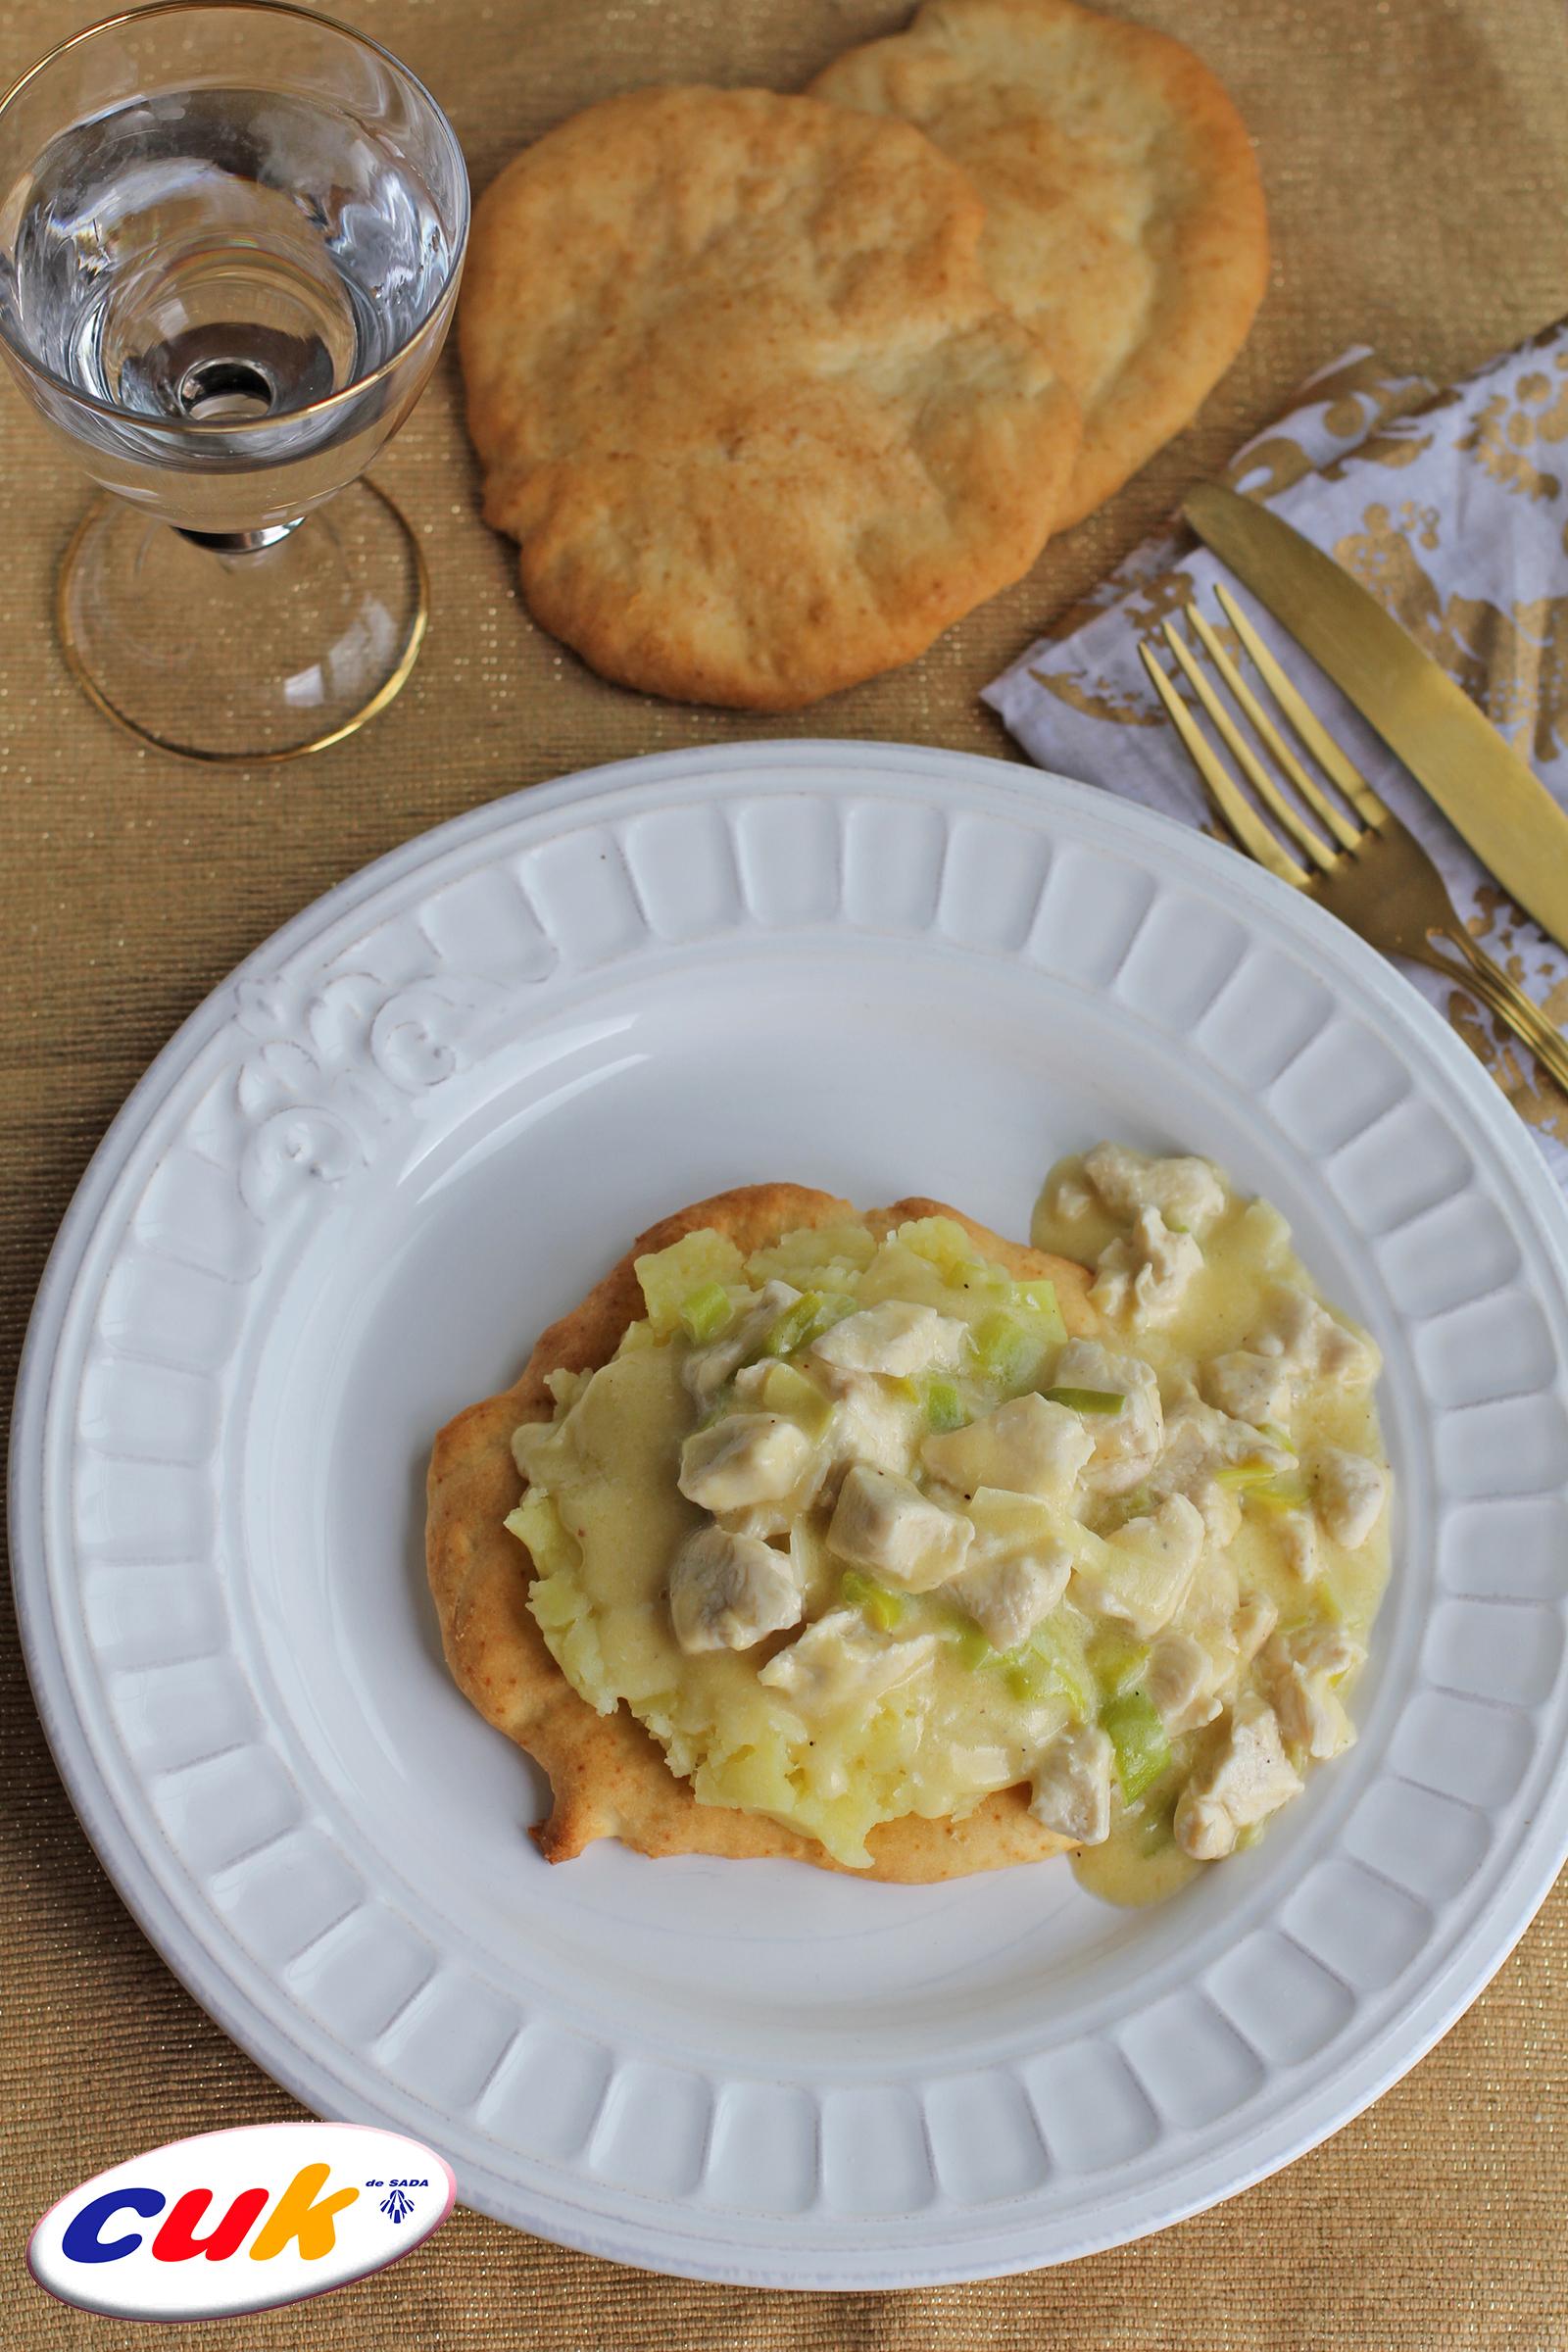 Receta de pollo cuk cremoso sobre galleta y patata - Pure de patatas cremoso ...